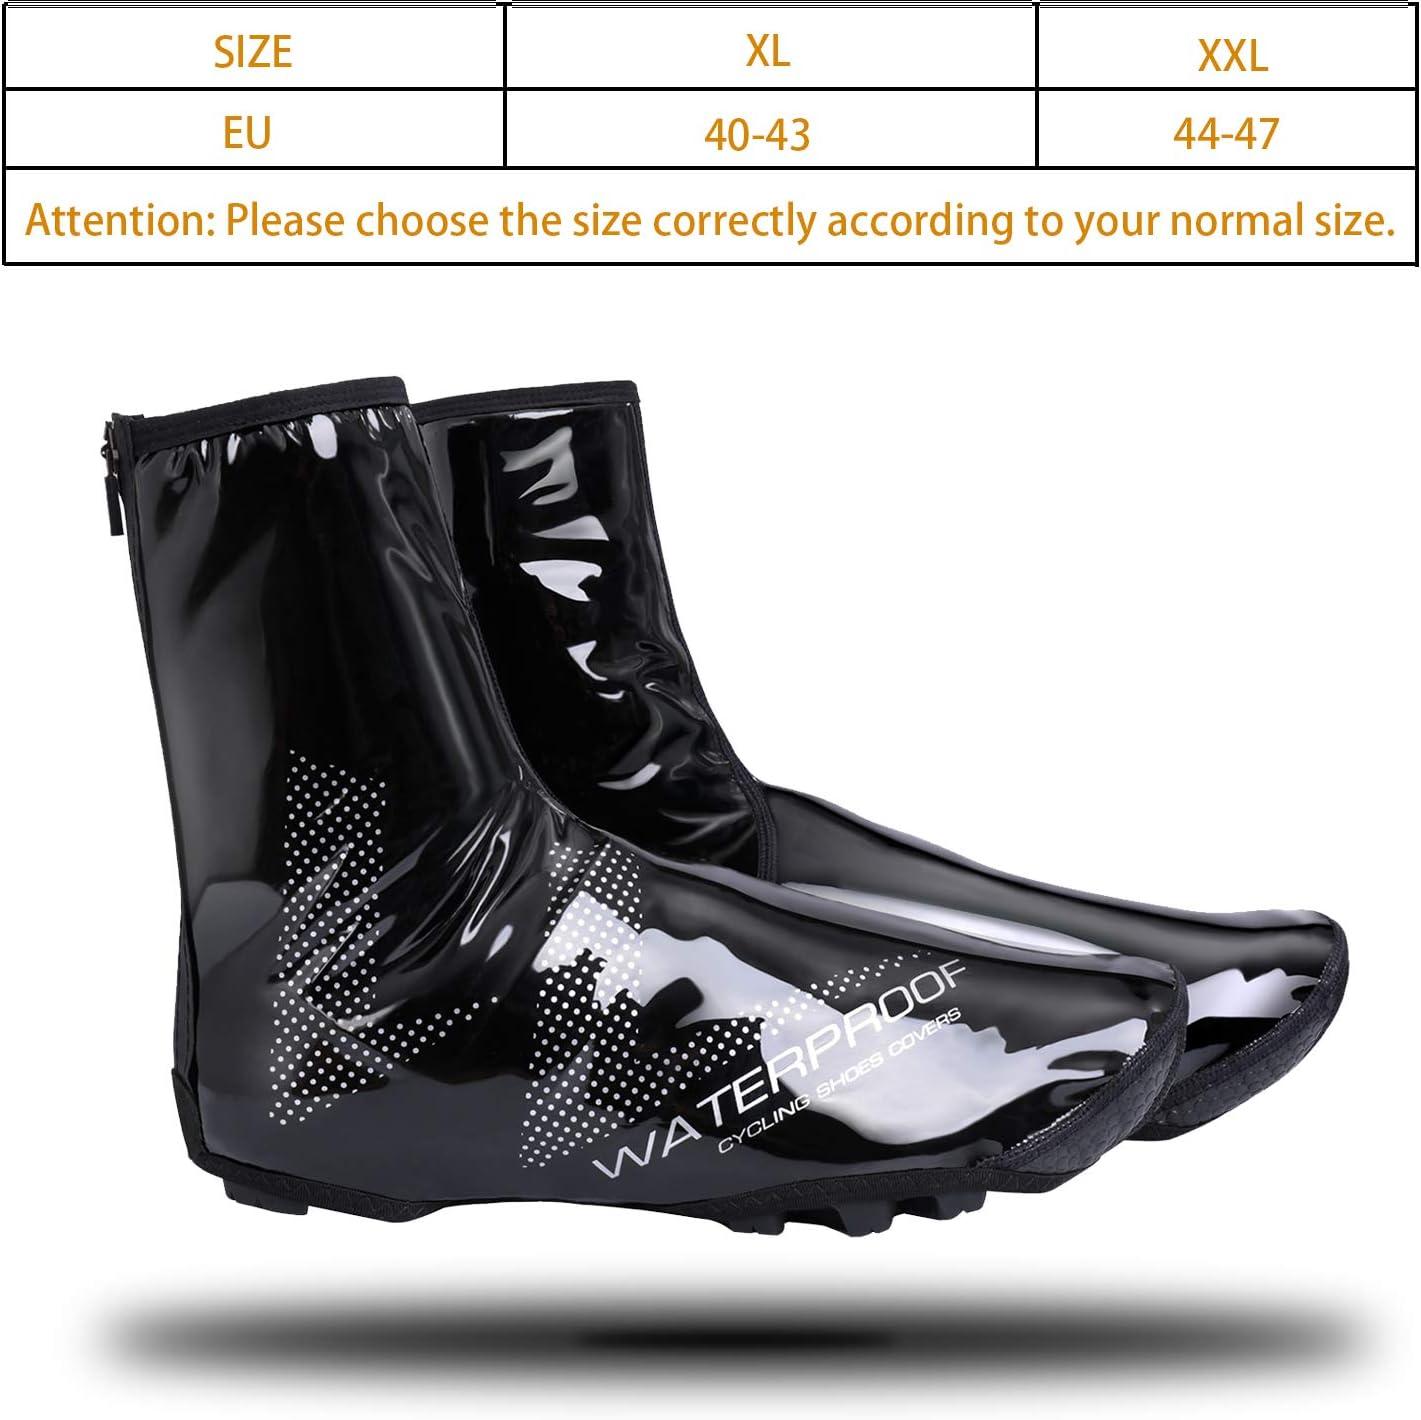 antid/érapantes r/ésistant /à lusure V/élo Surchaussures Couvre Protege Chaussures Couvre Cyclisme Thermique VTT XL Couvre-Chaussures De V/élo Cyclisme /Étanche Couvre Chaussures V/élo Coupe-Vent